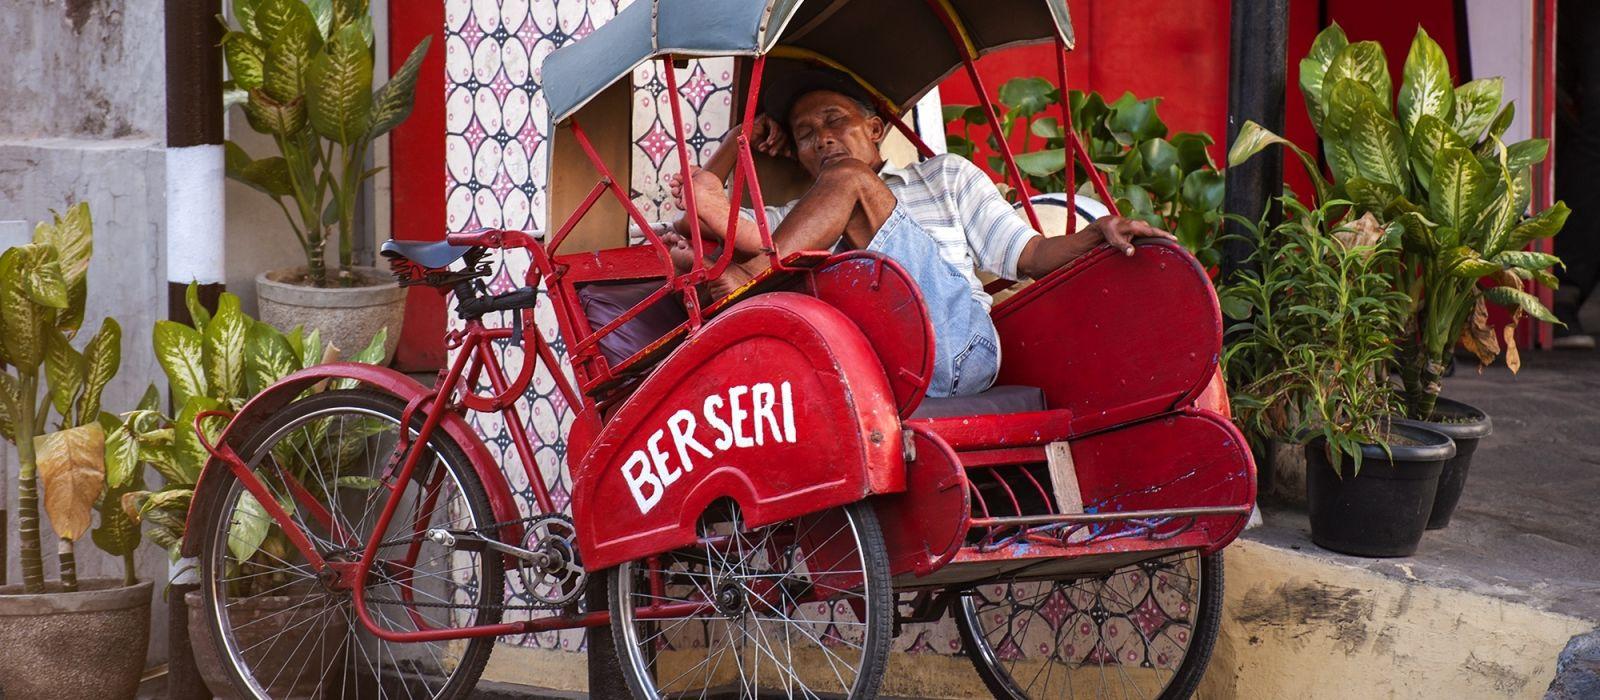 Landschafts- und Kulturerbe Indonesiens Urlaub 1